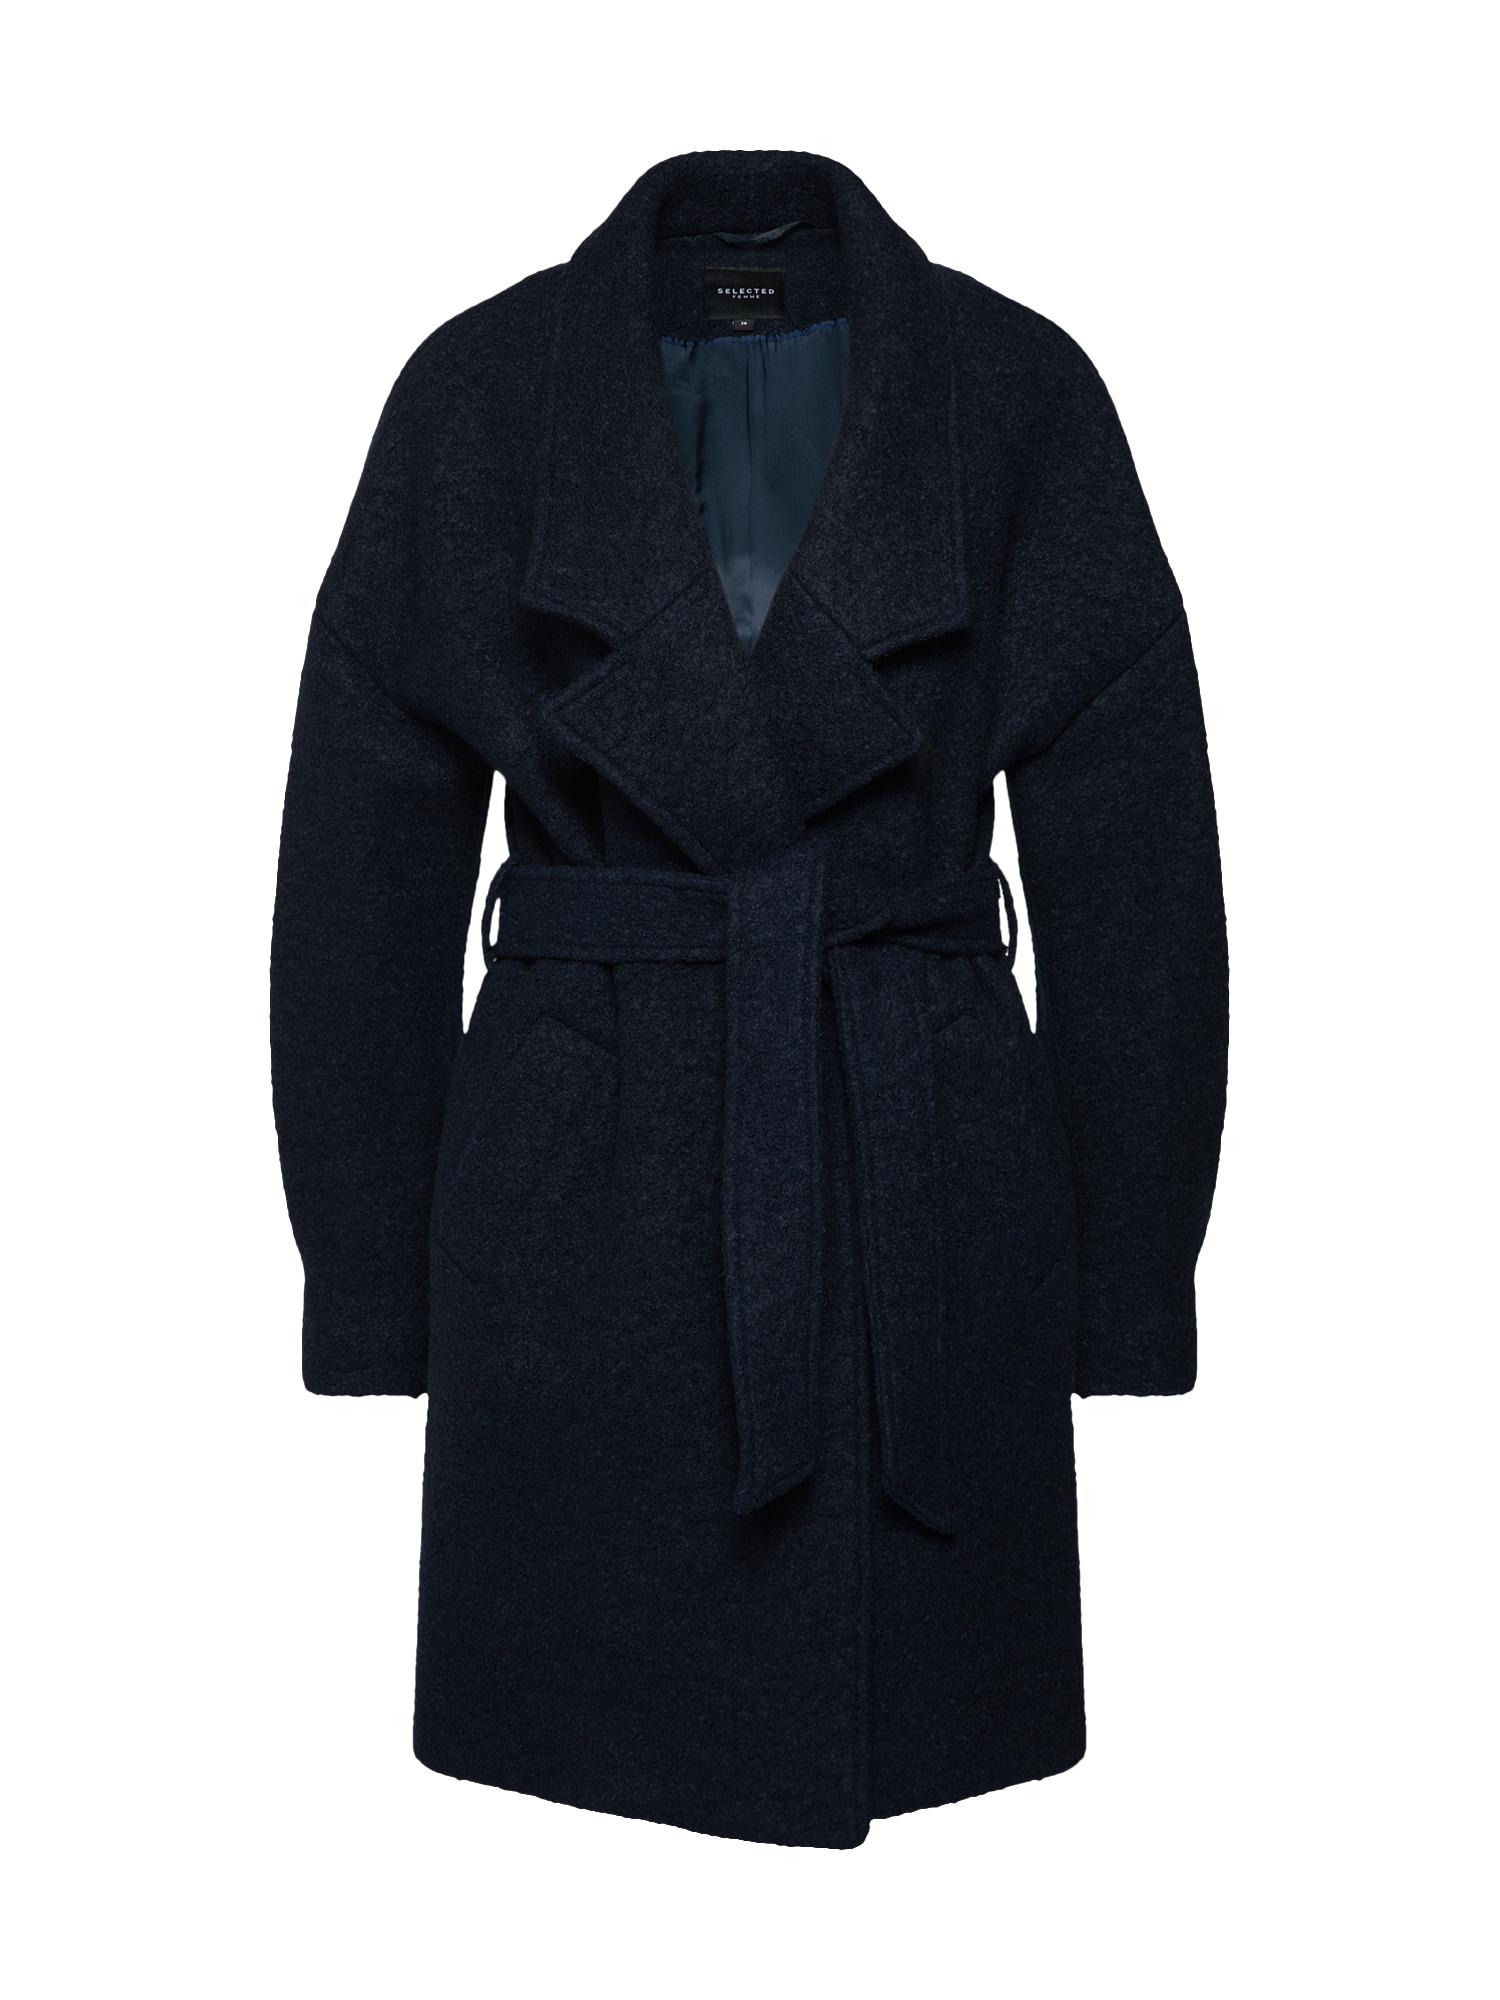 Přechodný kabát PAJA námořnická modř SELECTED FEMME